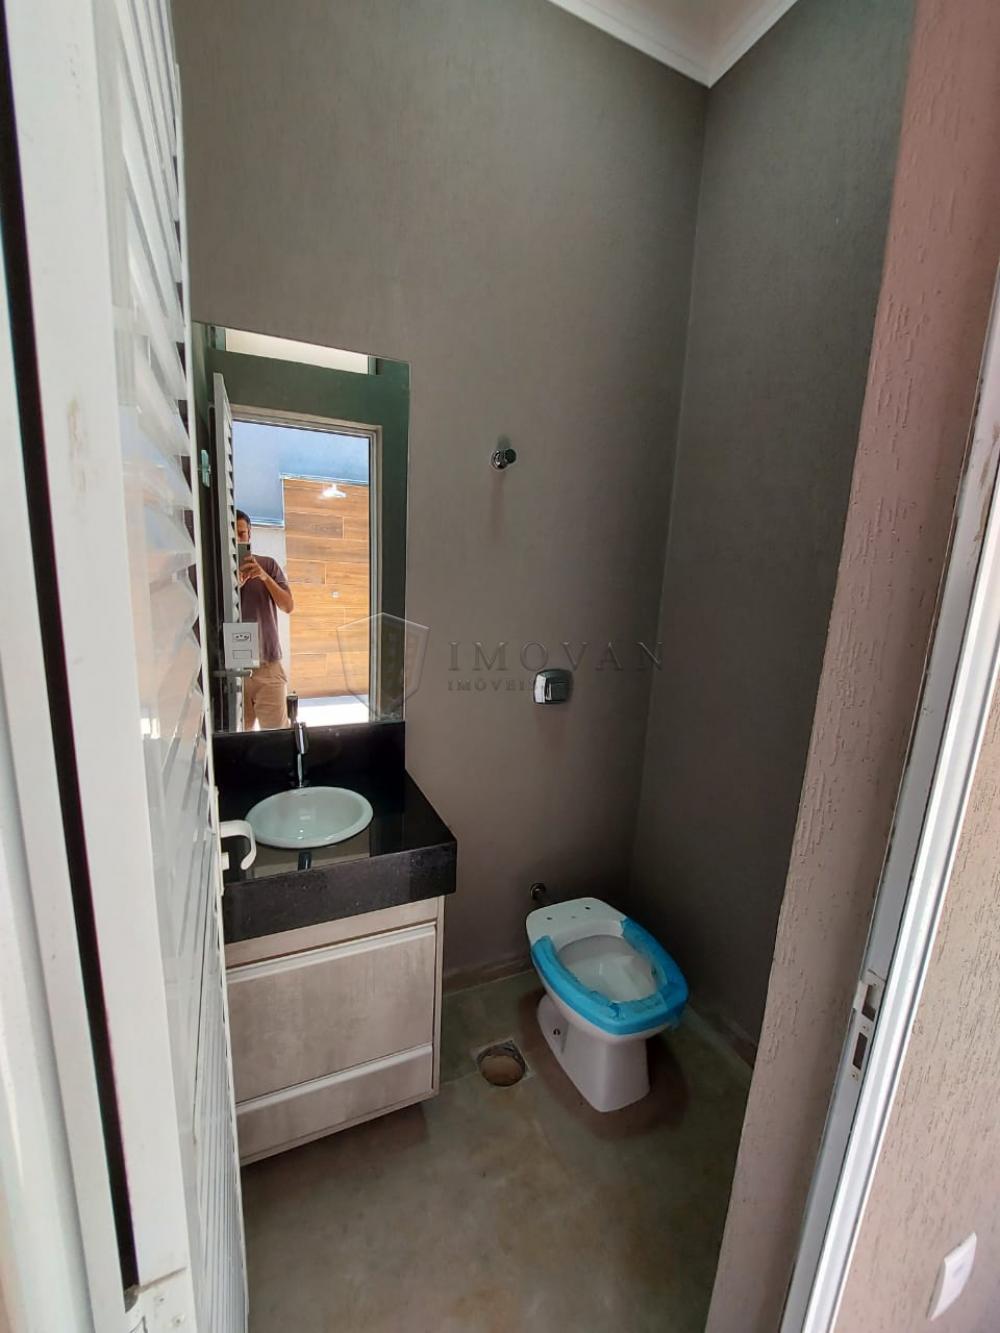 Comprar Casa / Condomínio em Bonfim Paulista R$ 850.000,00 - Foto 10